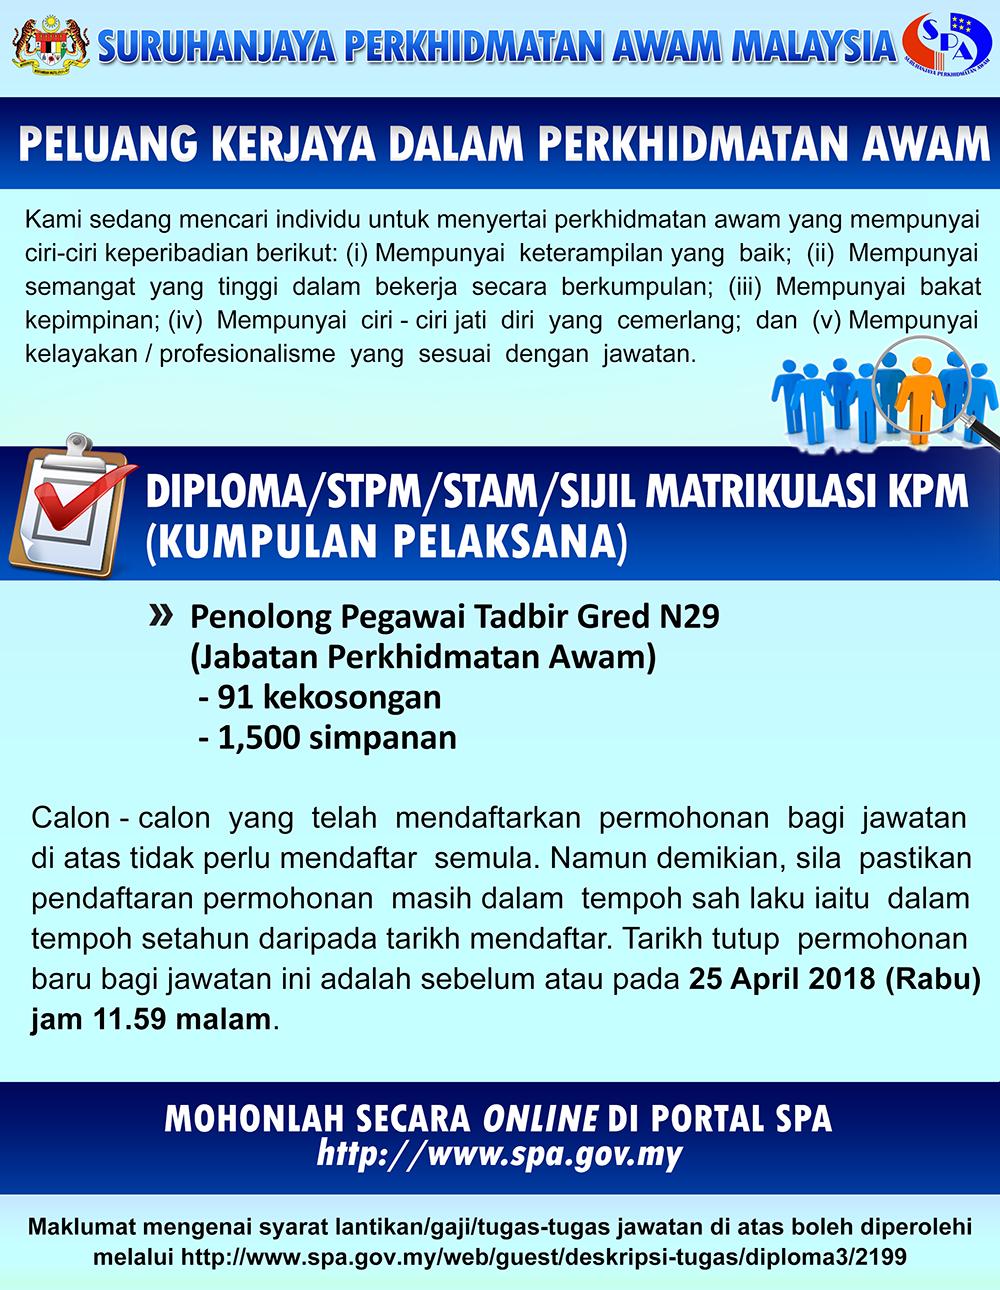 Permohonan Jawatan Penolong Pegawai Tadbir N29 JPA